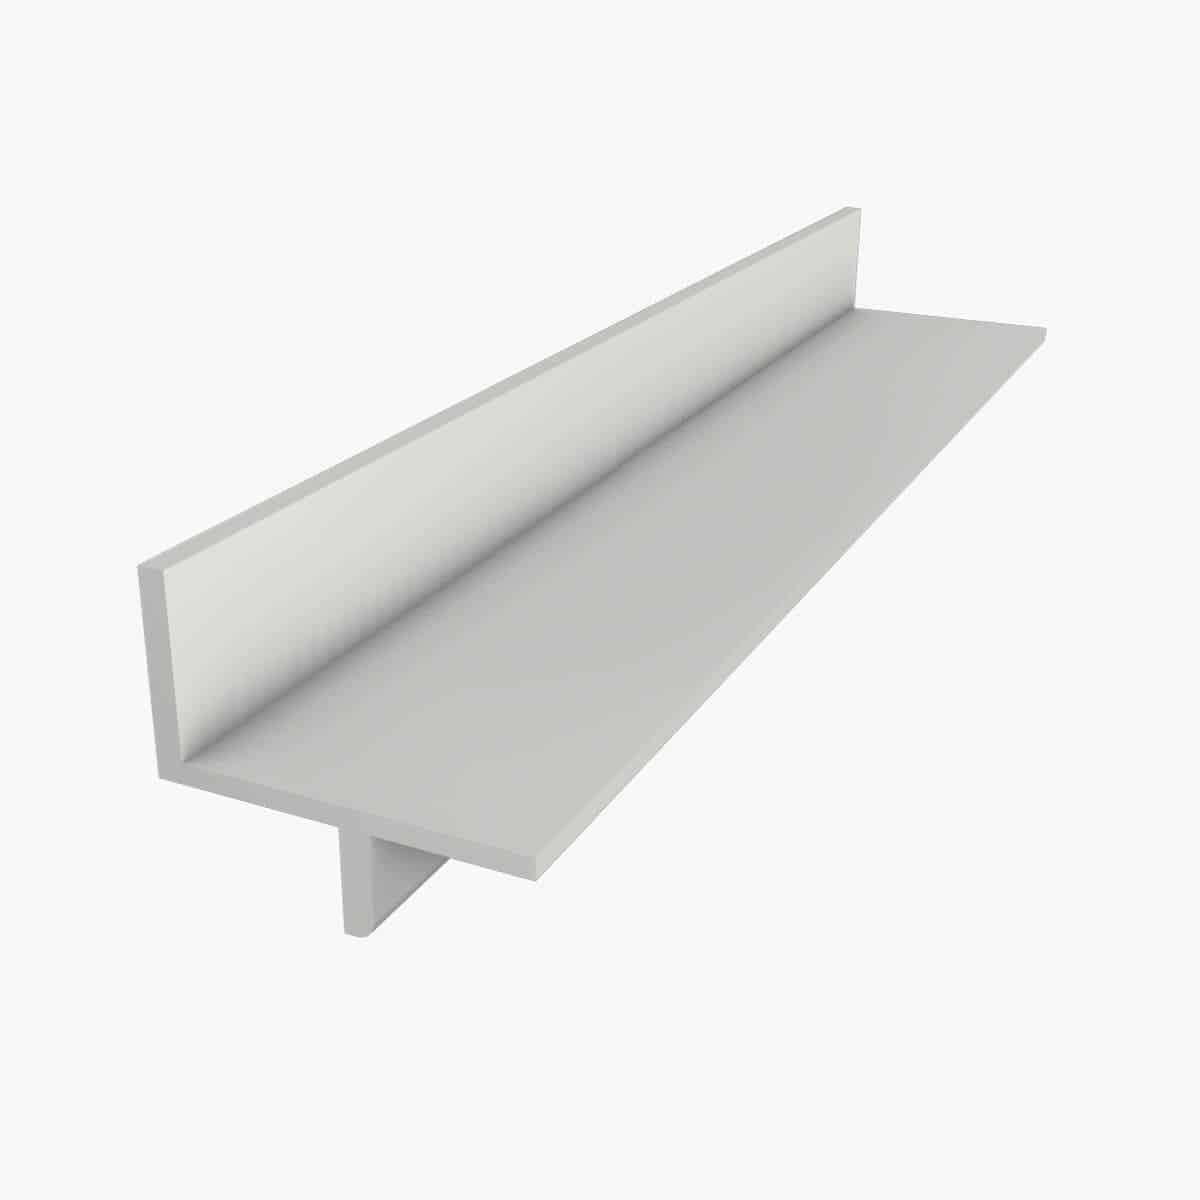 TEMPOLISTEL 117 - Profil jonction plafond plaque de plâtre